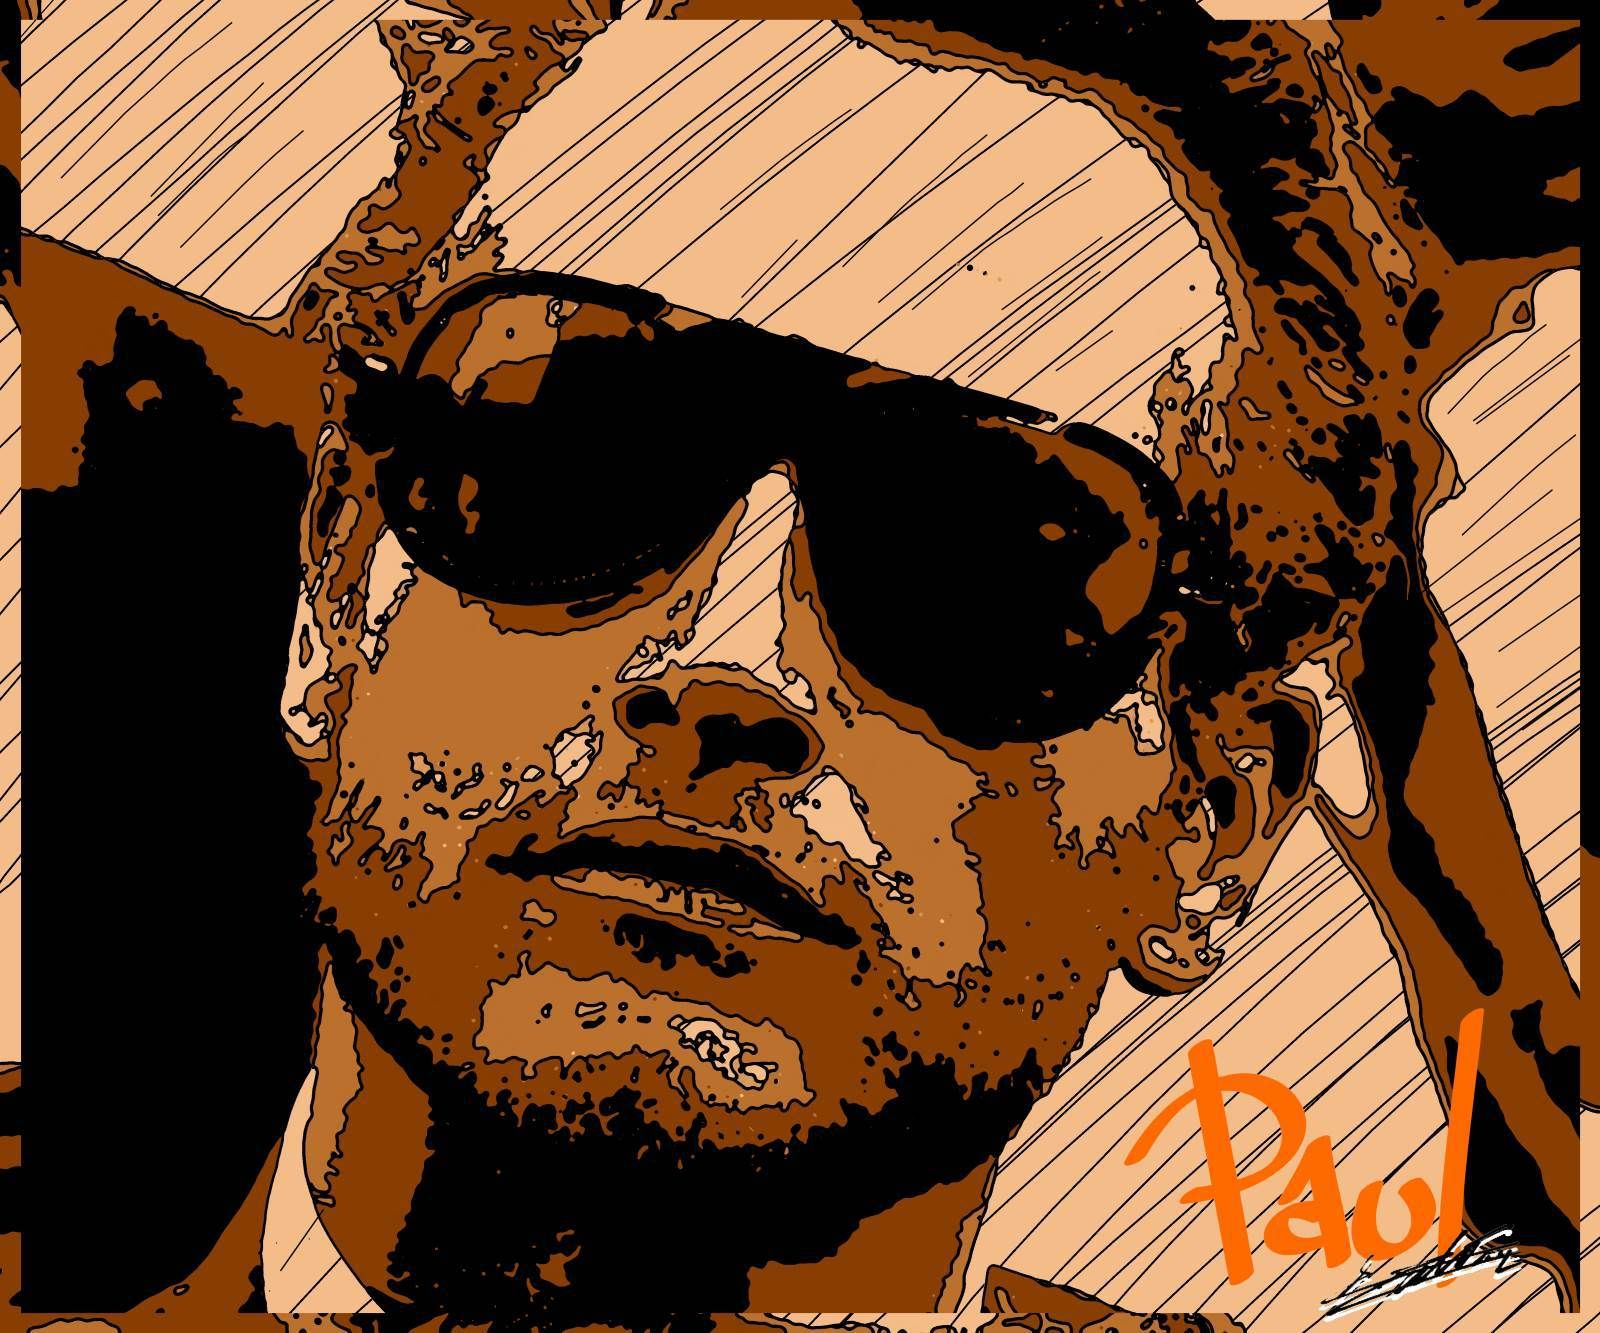 paul newman acteur star cin homme tableau pop art moderne peinture acrylique 70 39 s s pia. Black Bedroom Furniture Sets. Home Design Ideas